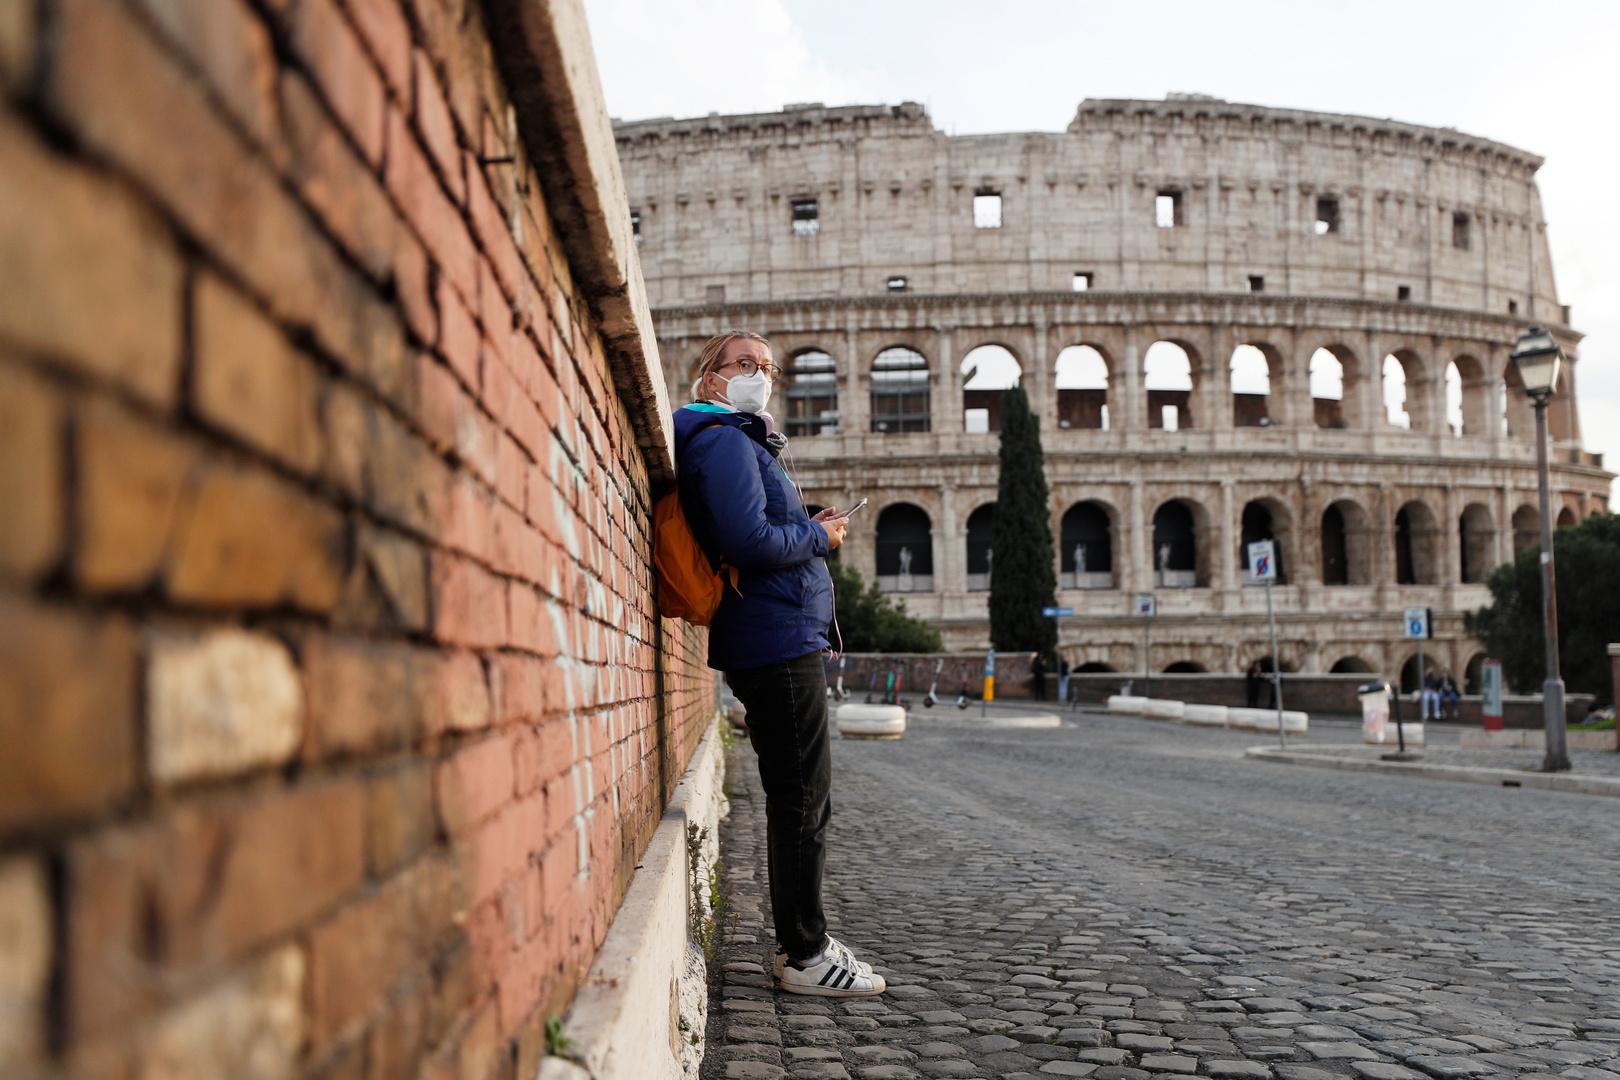 إيطاليا تسجل أكثر من 300 وفاة و15 ألف إصابة بكورونا خلال 24 ساعة